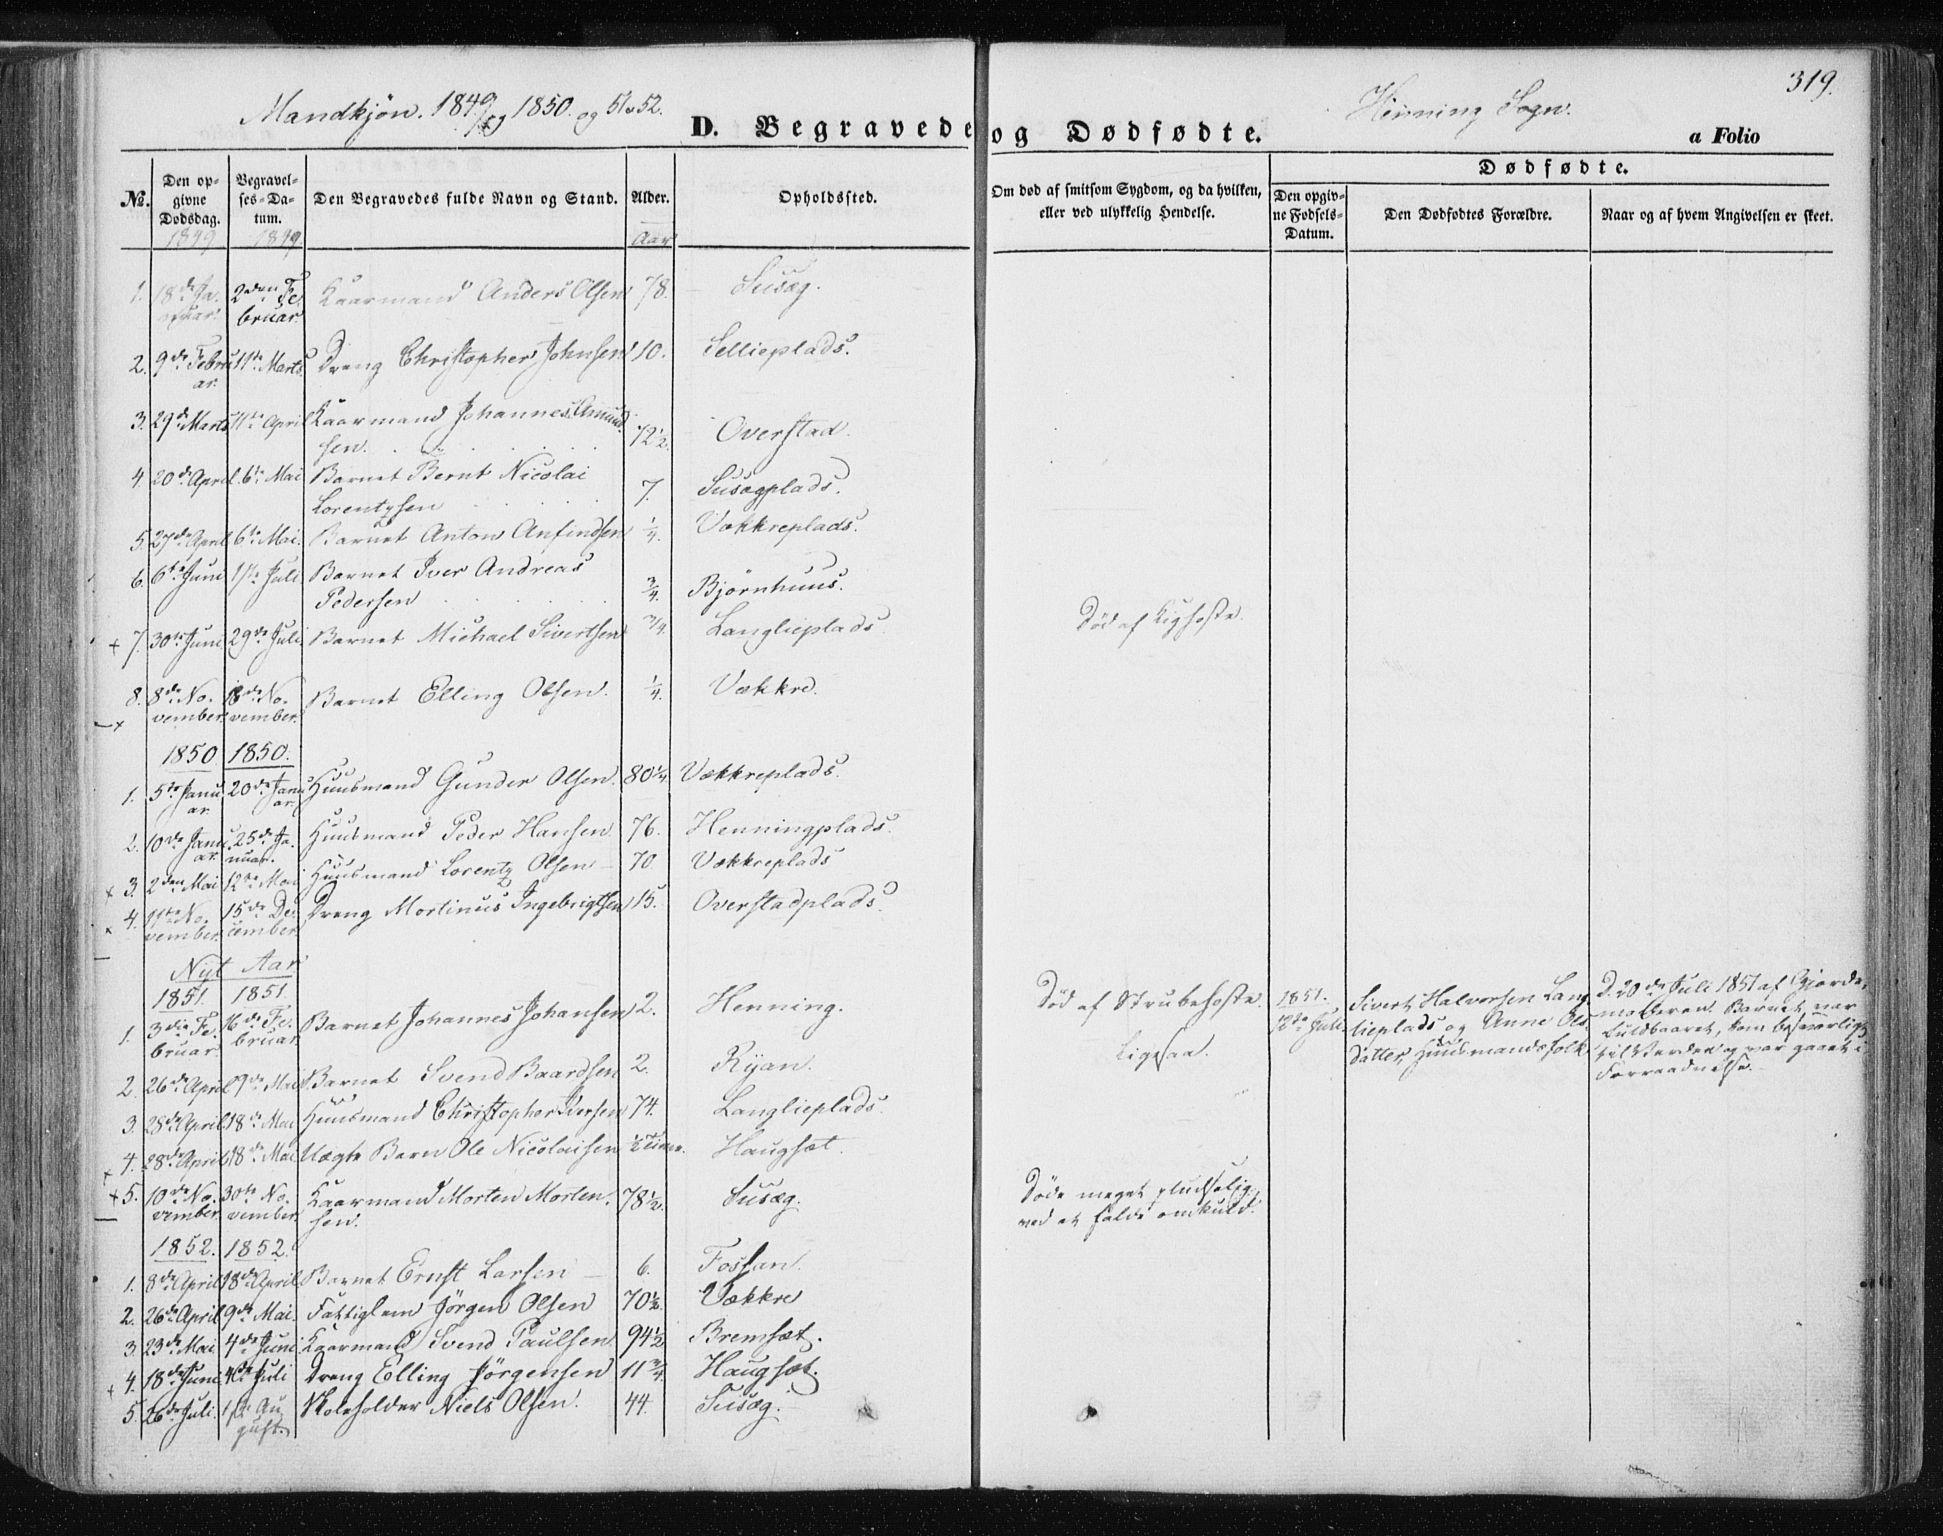 SAT, Ministerialprotokoller, klokkerbøker og fødselsregistre - Nord-Trøndelag, 735/L0342: Parish register (official) no. 735A07 /3, 1849-1862, p. 319